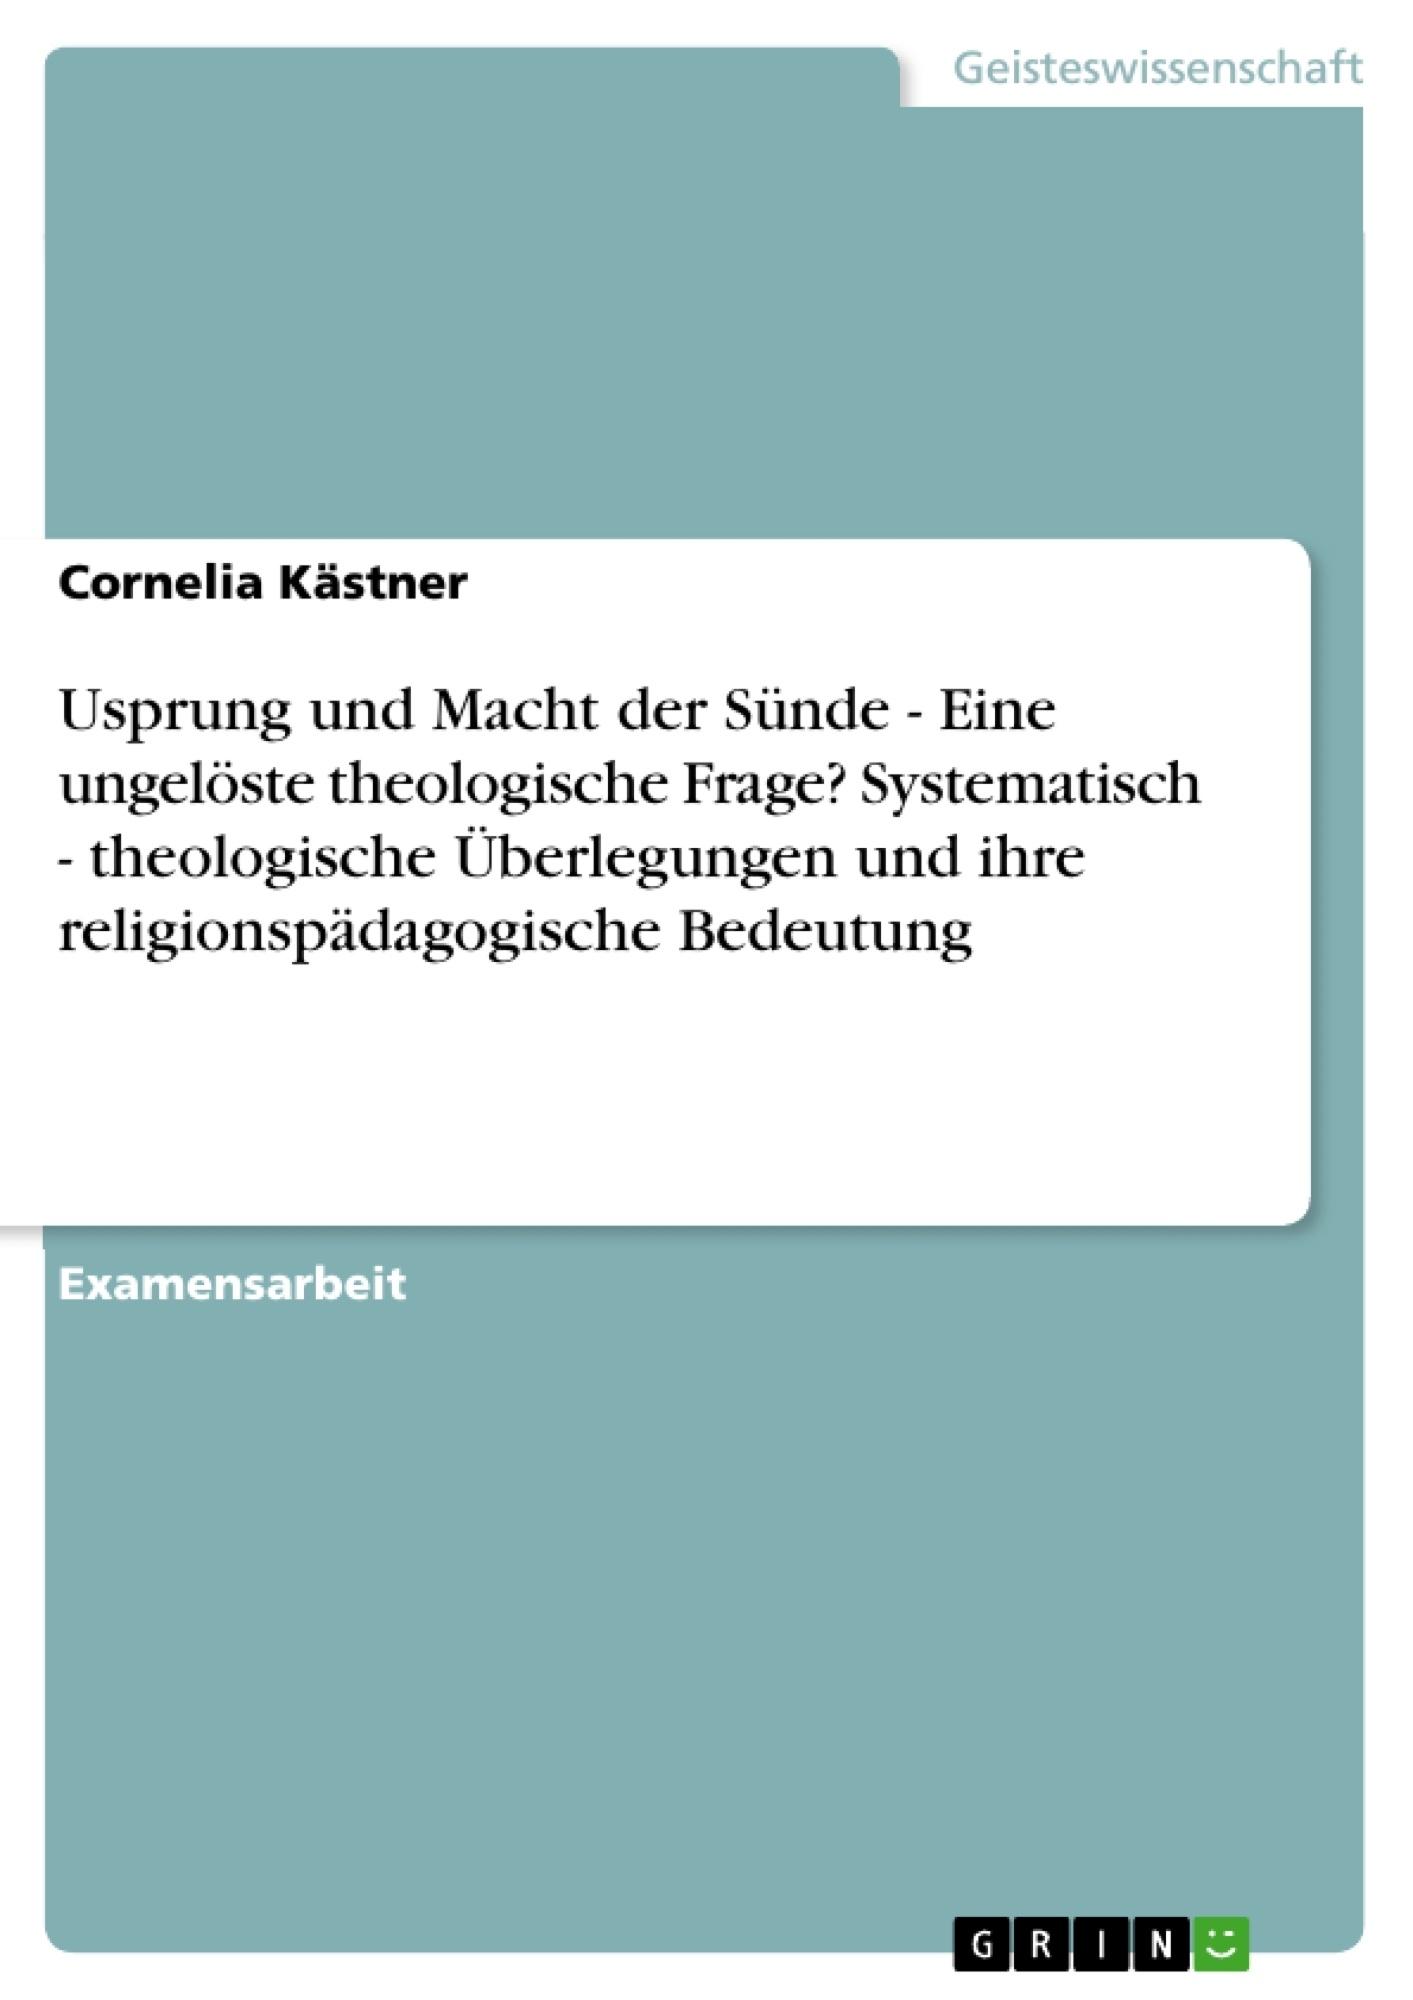 Titel: Usprung und Macht der Sünde - Eine ungelöste theologische Frage? Systematisch - theologische Überlegungen und ihre religionspädagogische Bedeutung